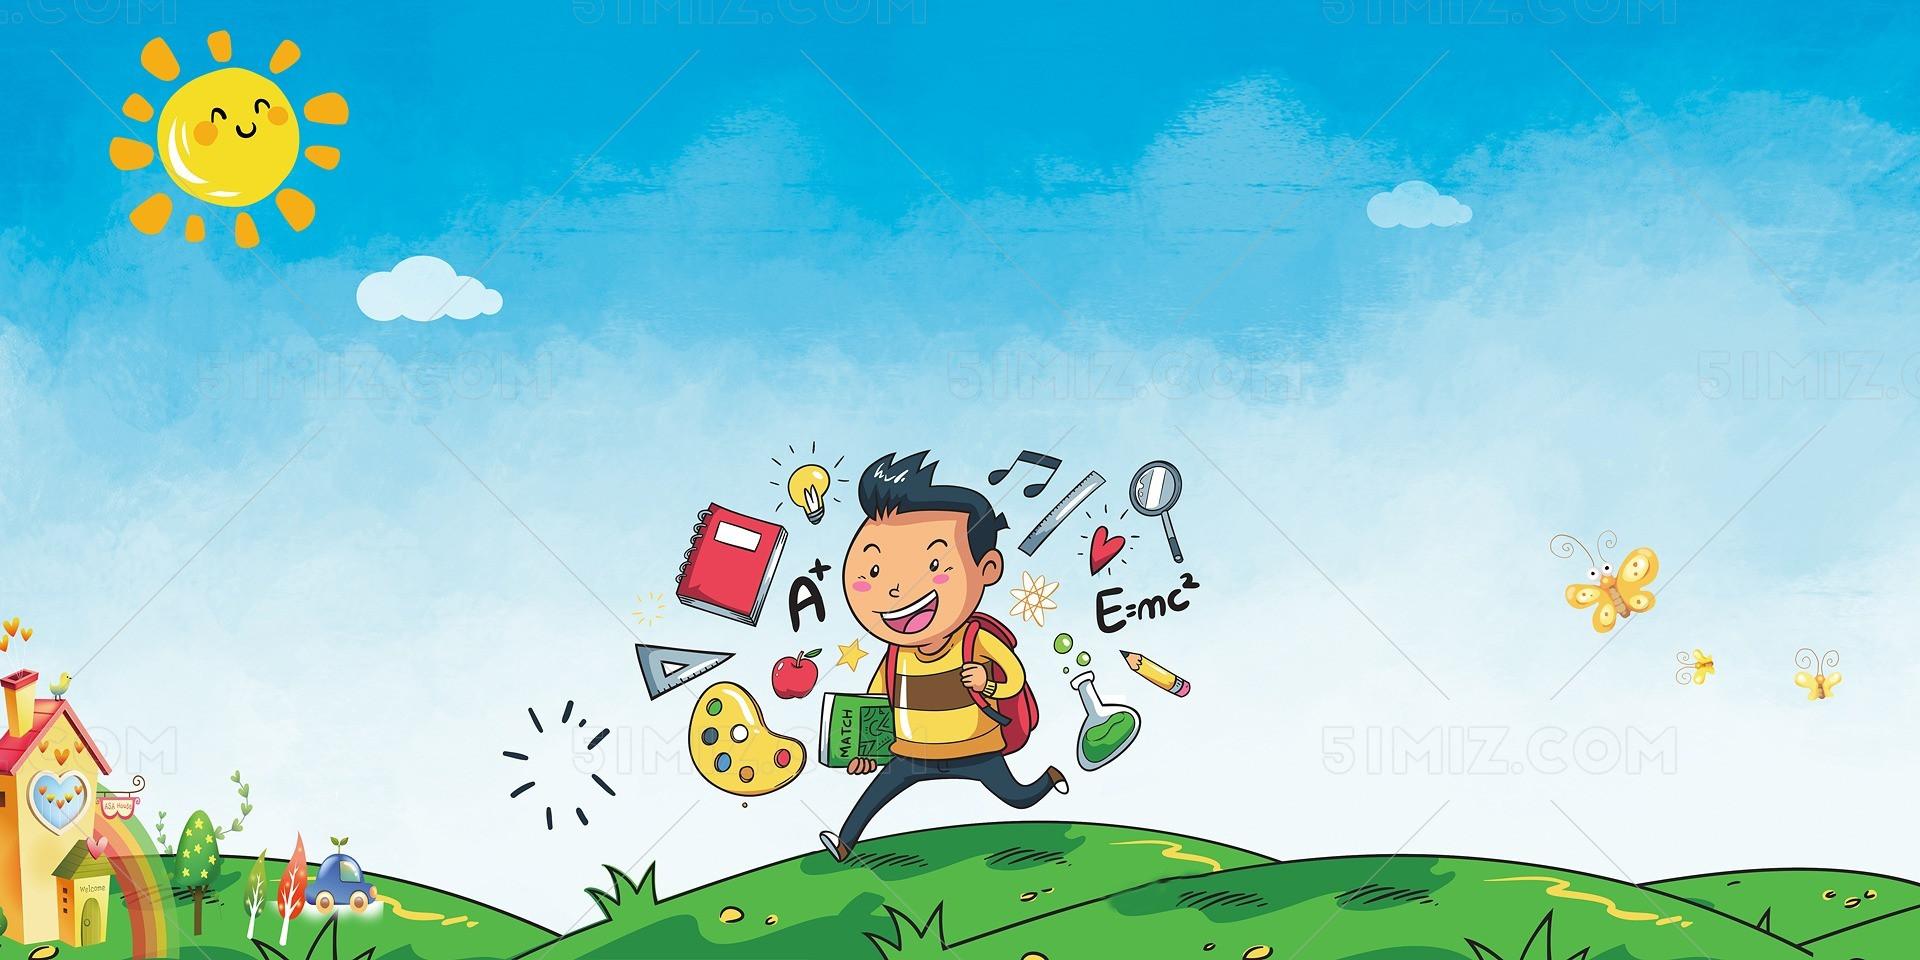 卡通水彩手绘风开学季海报背景